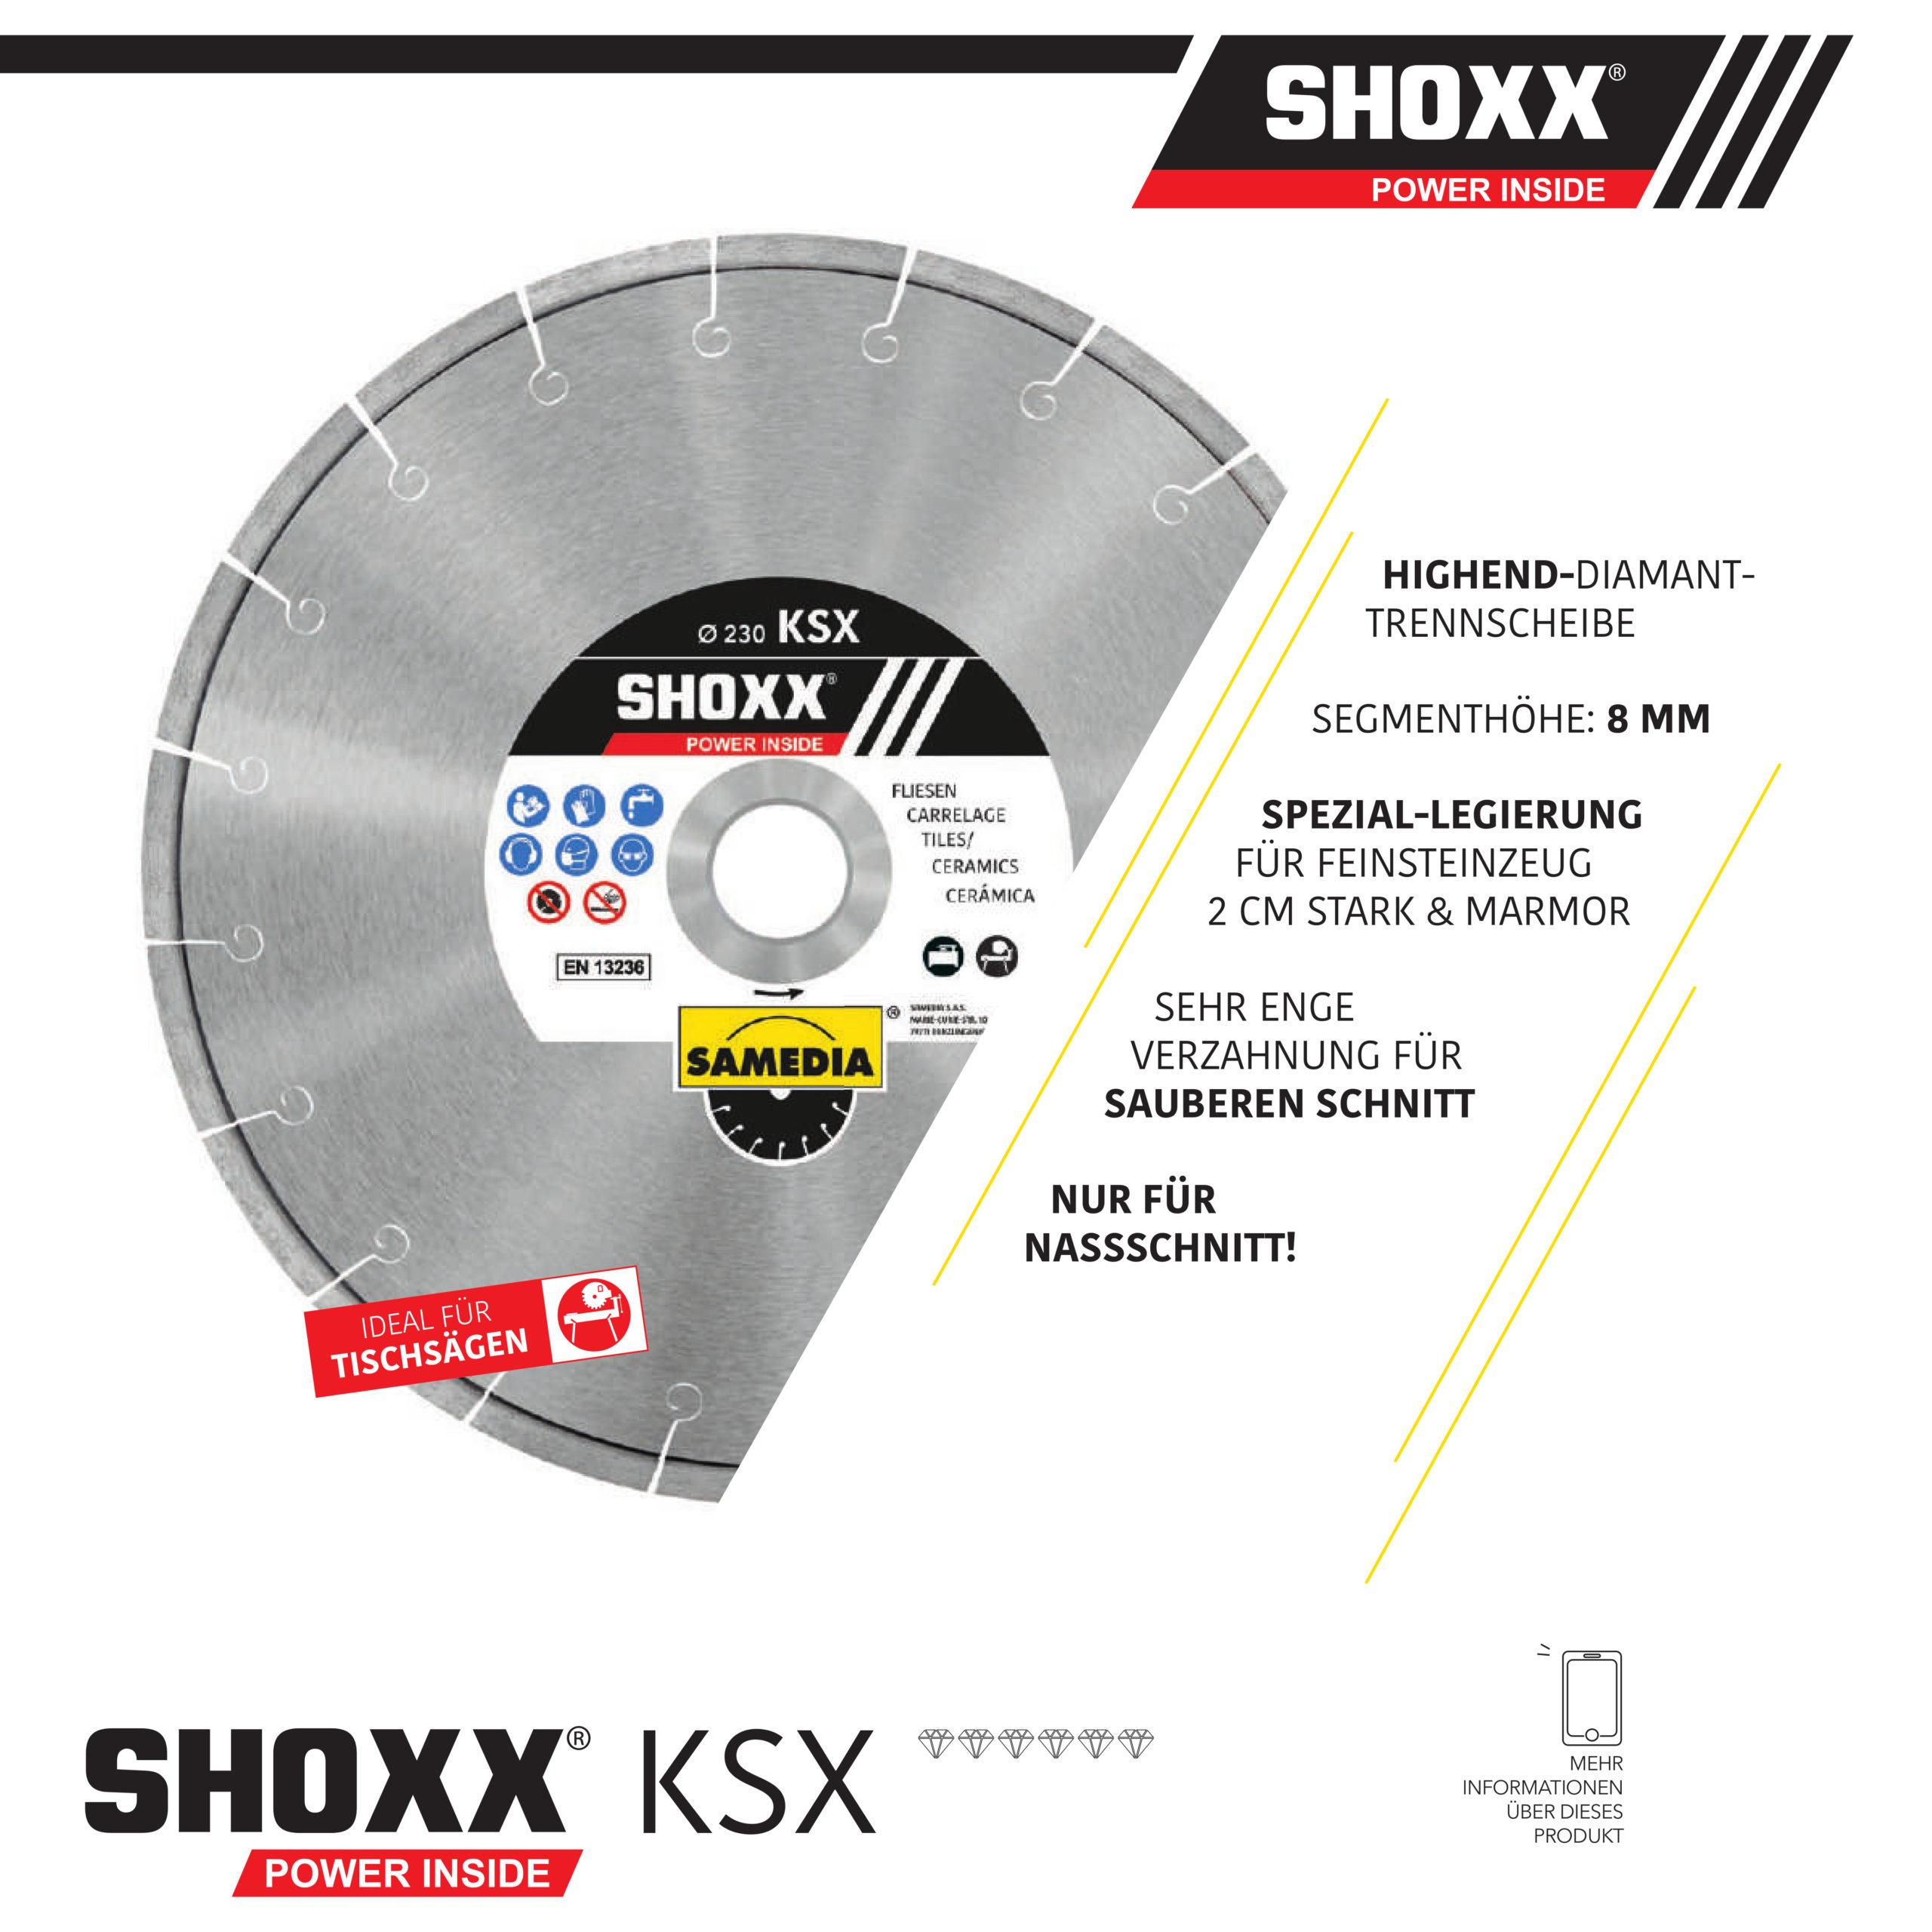 Samedia Diamanttrennscheibe SHOXX KSX für Feinsteinzeug 2cm und Marmor nur Nassschnitt!